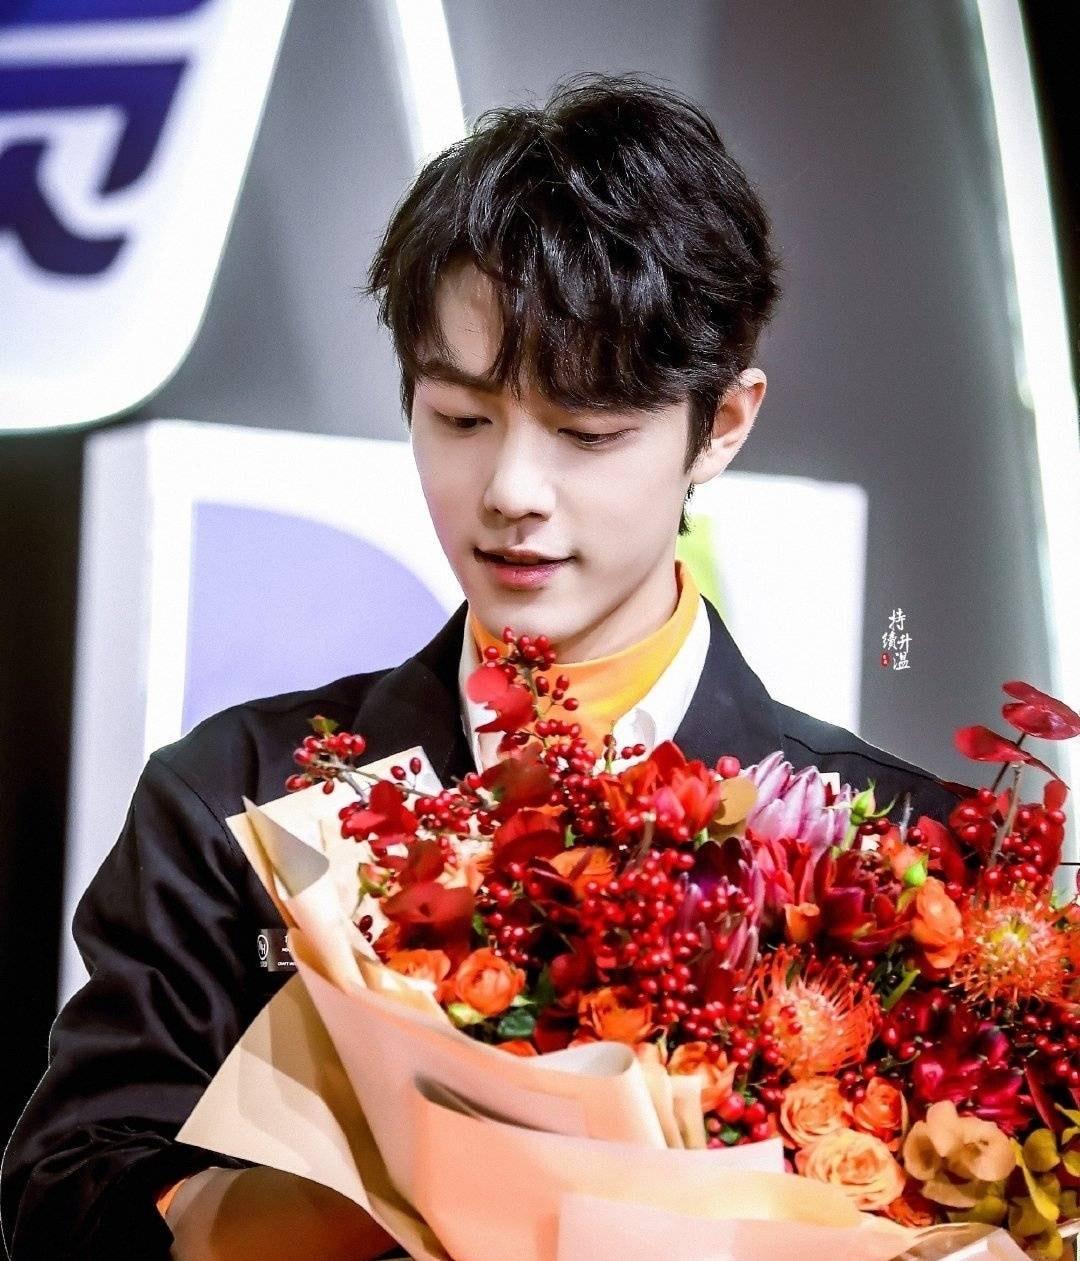 12 trai đẹp Cbiz cầm hoa tỏ tình, chàng trai nào khiến bạn gật đầu nguyện ý? 10